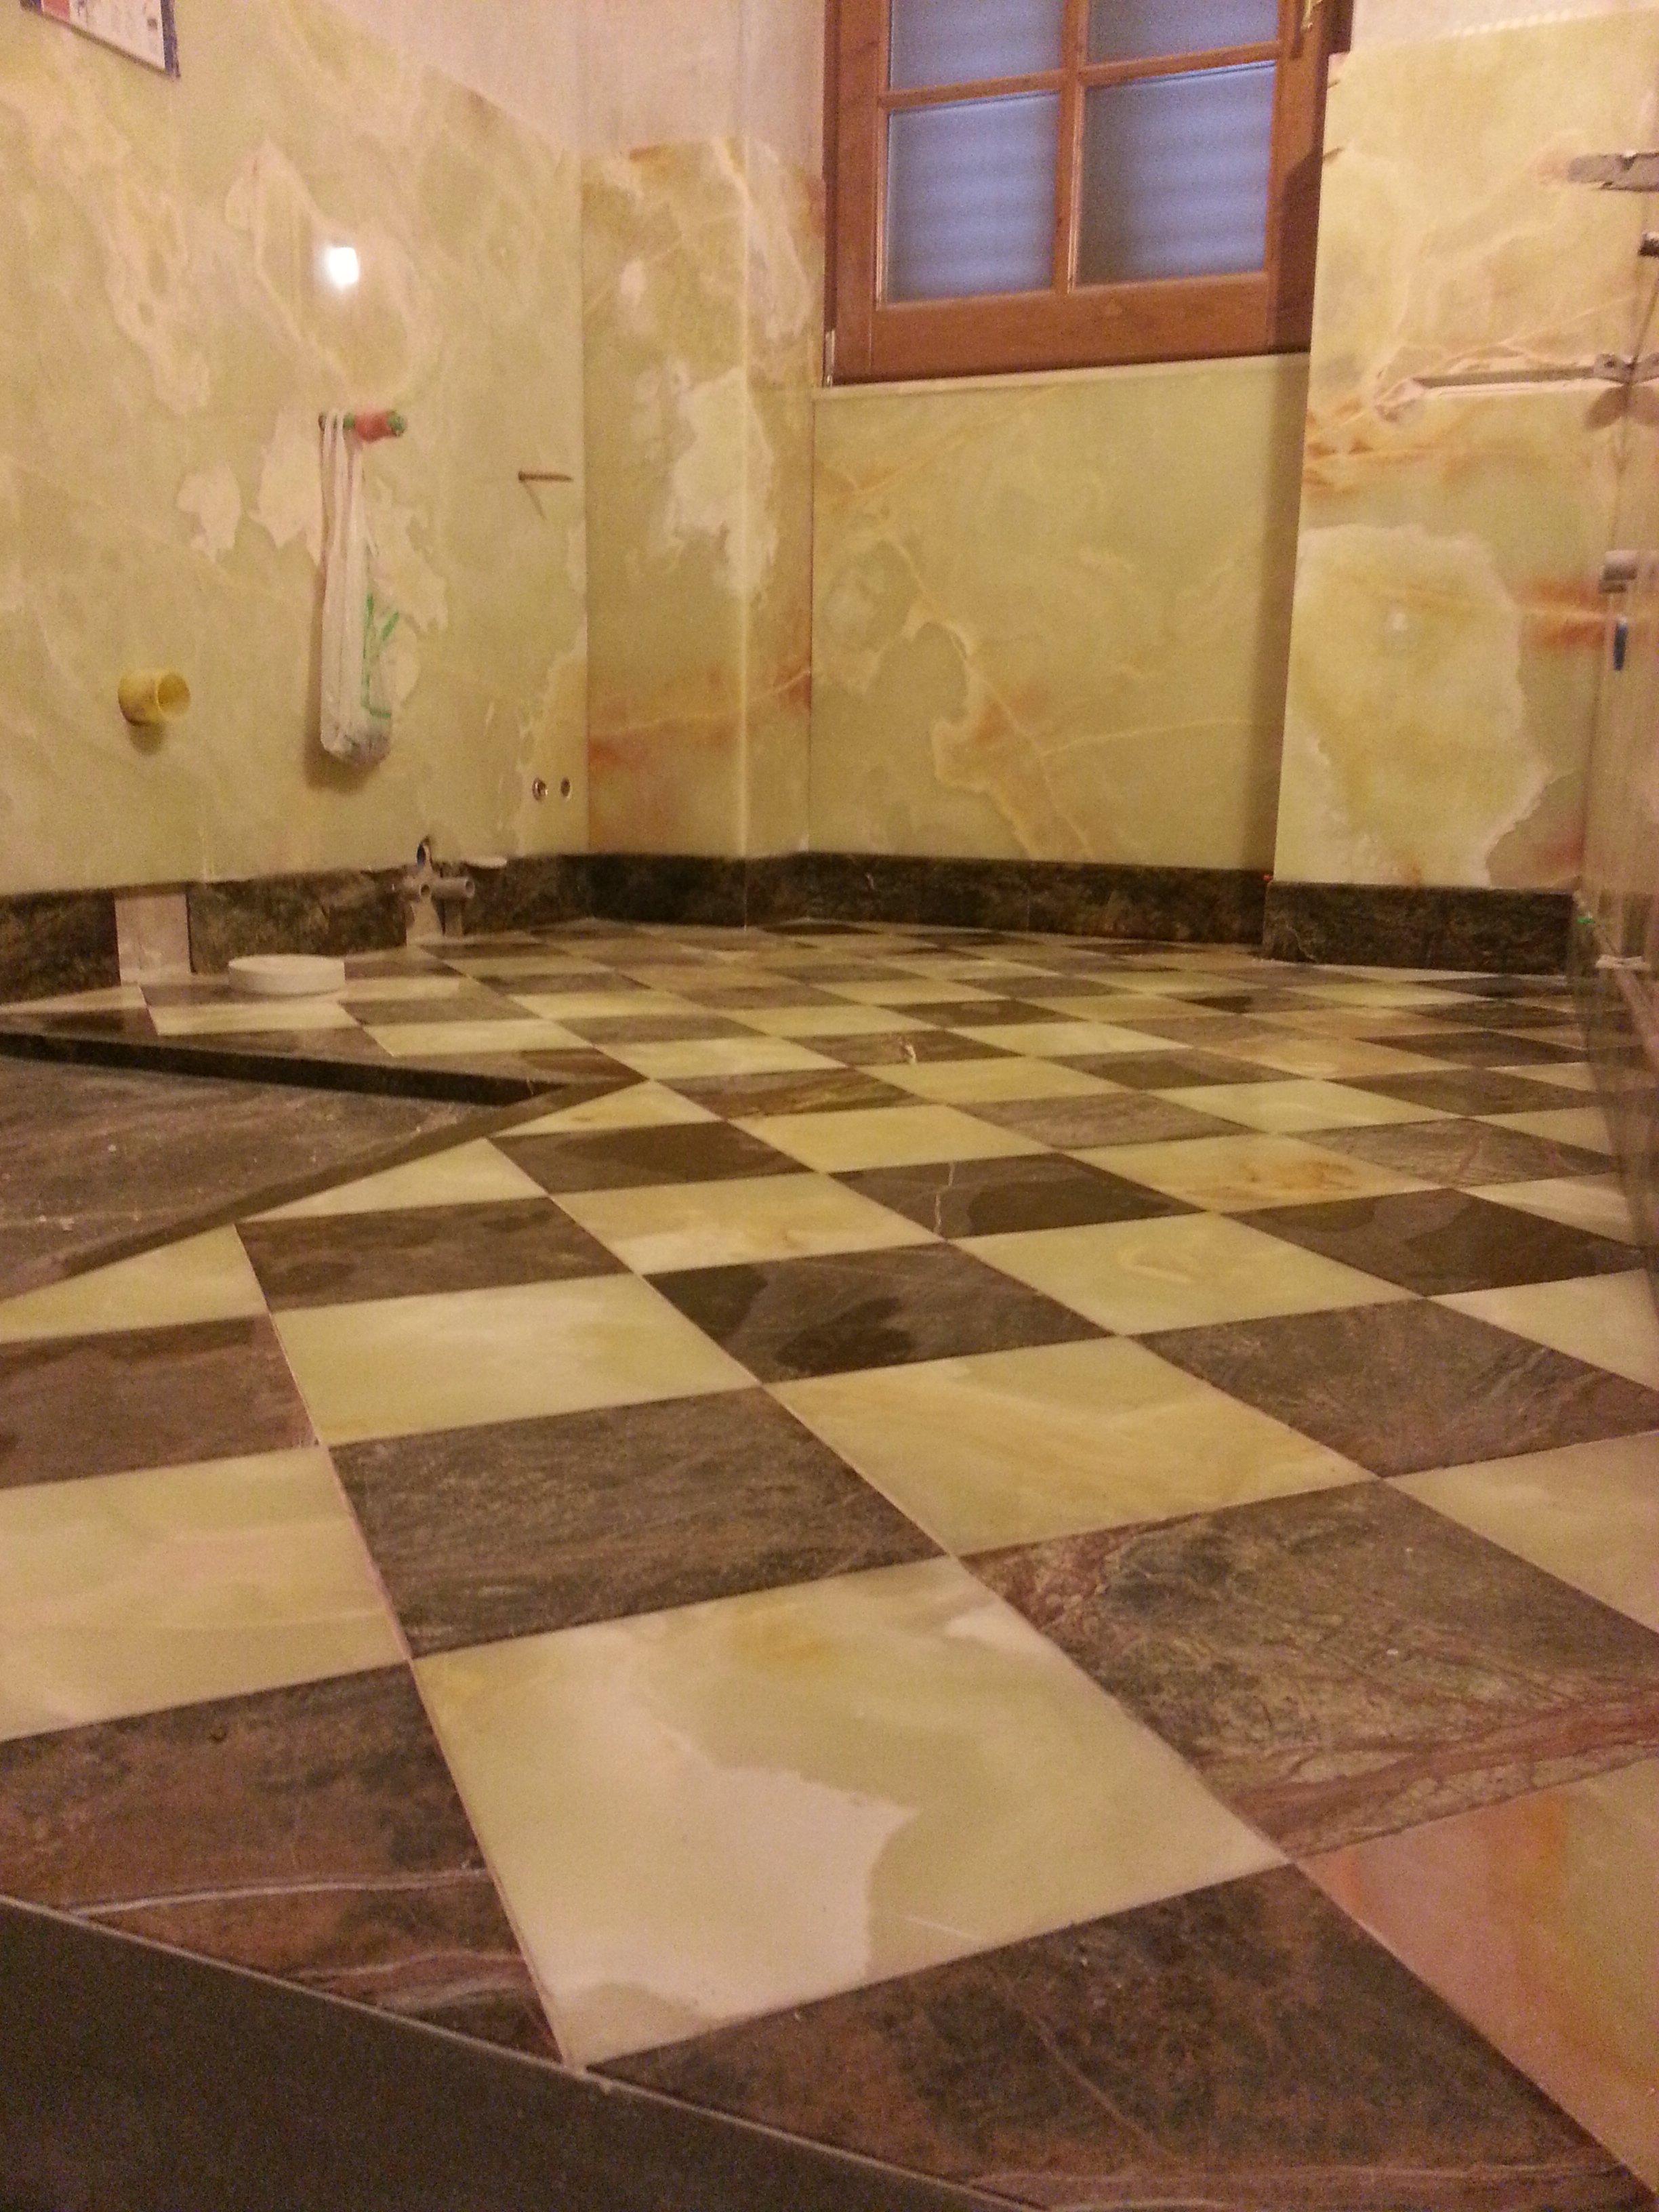 pavimento in marmo a scacchi in un bagno in costruzione